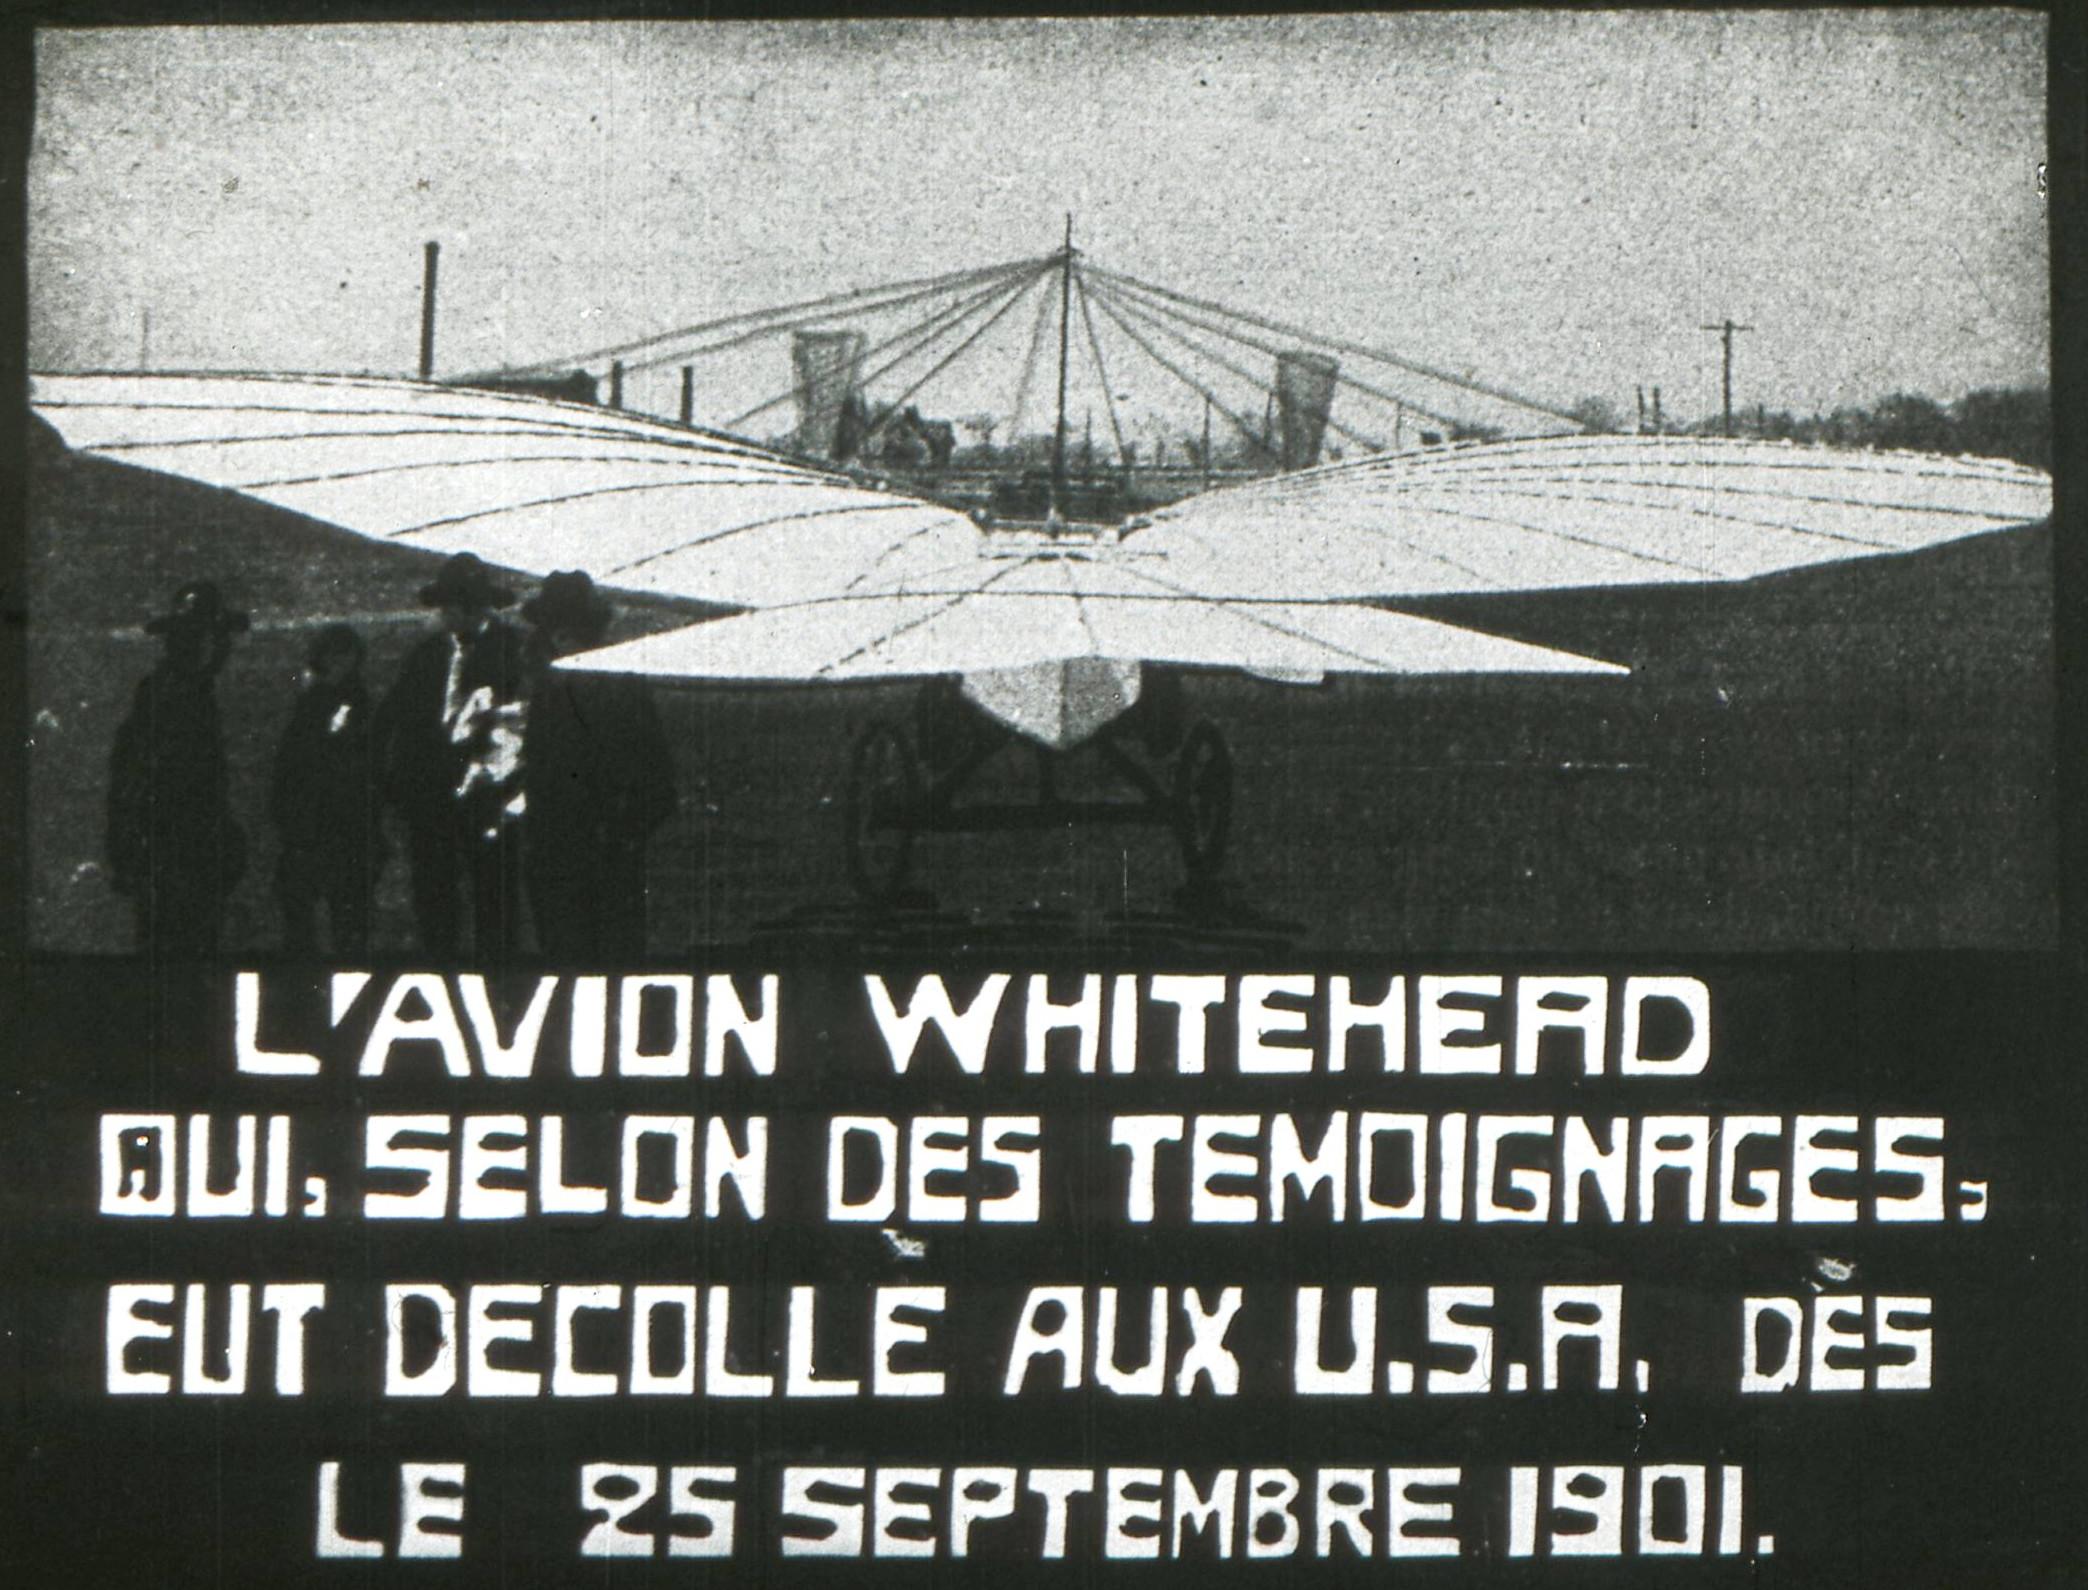 Gustav Weisskopf Gustave Whitehead numéro 21 condor aéroplane Alfred Carlier France anciens aérodromes 2A français USA septembre 1901